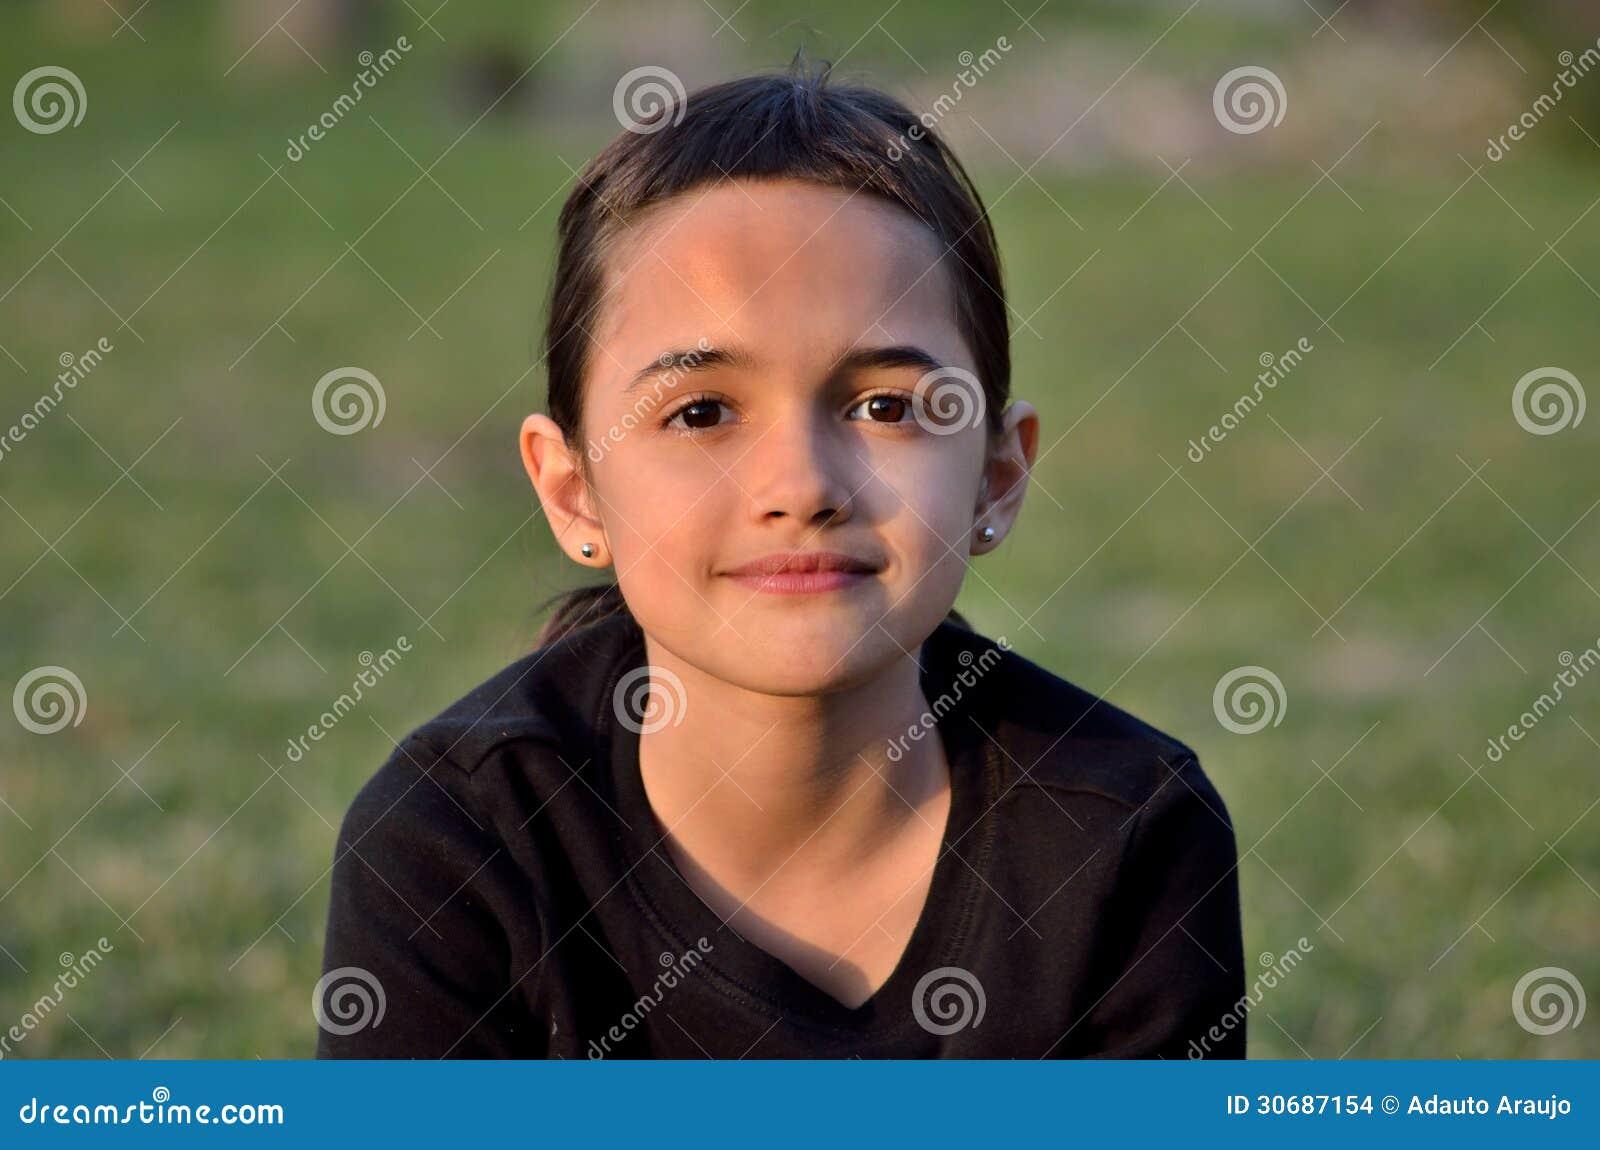 bangs hispanic single women See more of latin women on single women, single girls ncy #barranquilla #colombia #latinwomen #latinladies #latingirls #latina #latinas #singlelatina.